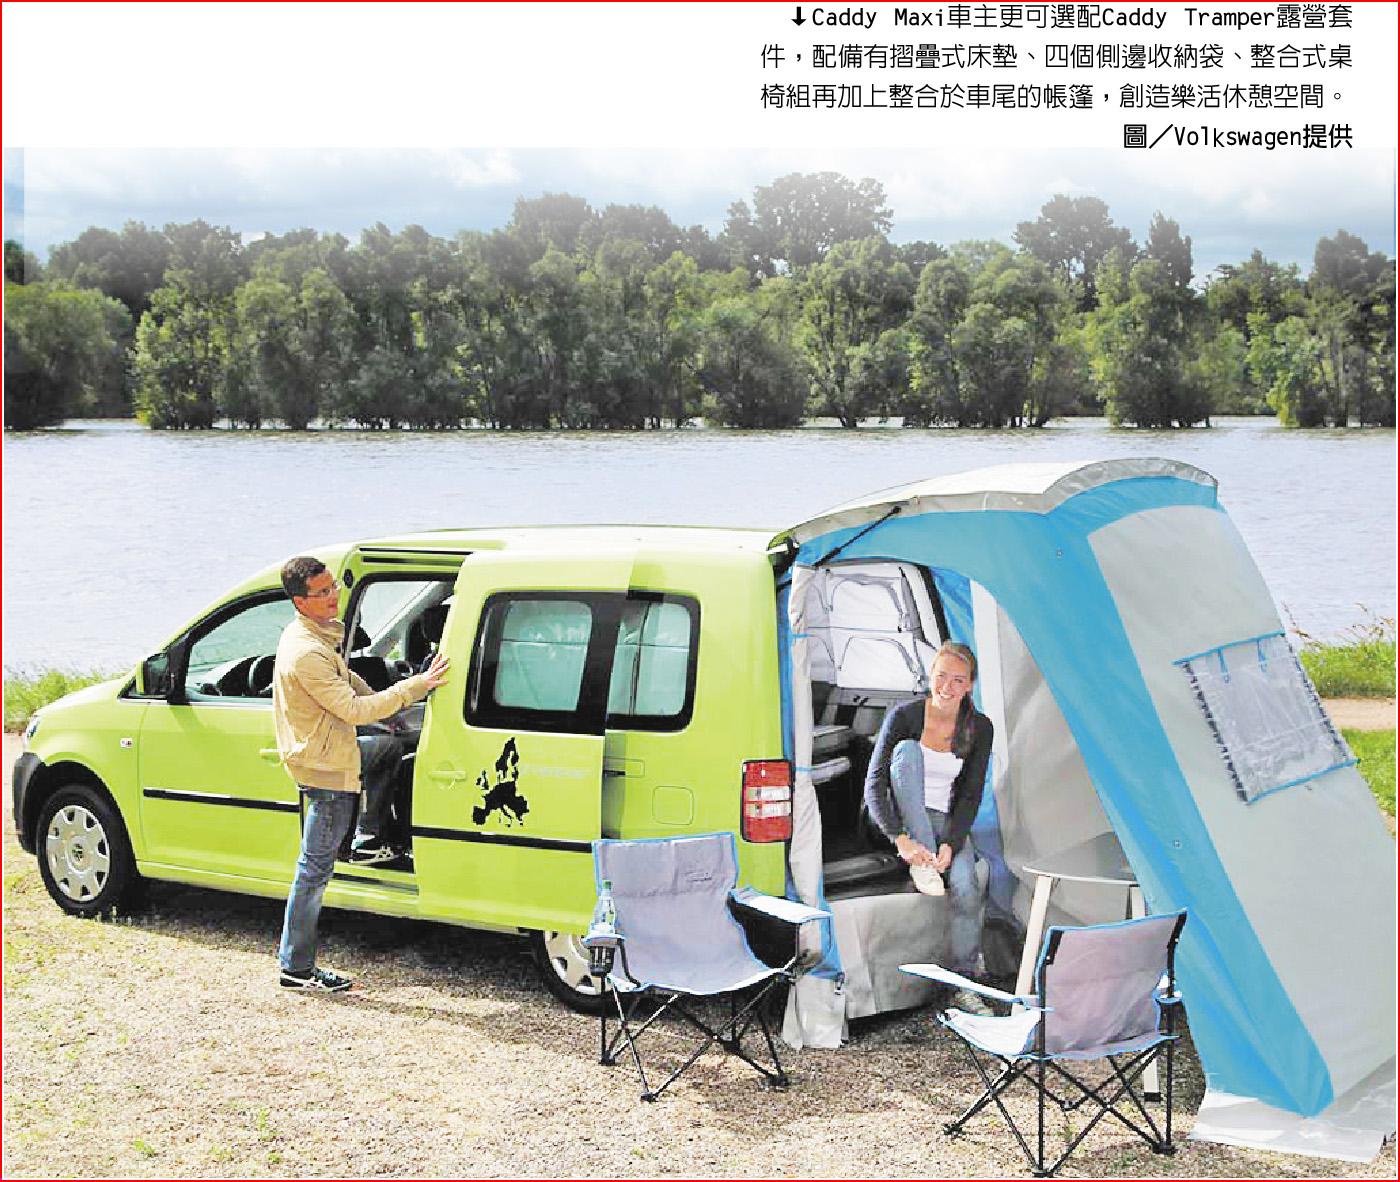 ↓Caddy Maxi車主更可選配Caddy Tramper露營套件,配備有摺疊式床墊、四個側邊收納袋、整合式桌椅組再加上整合於車尾的帳篷,創造樂活休憩空間。圖/Volkswagen提供